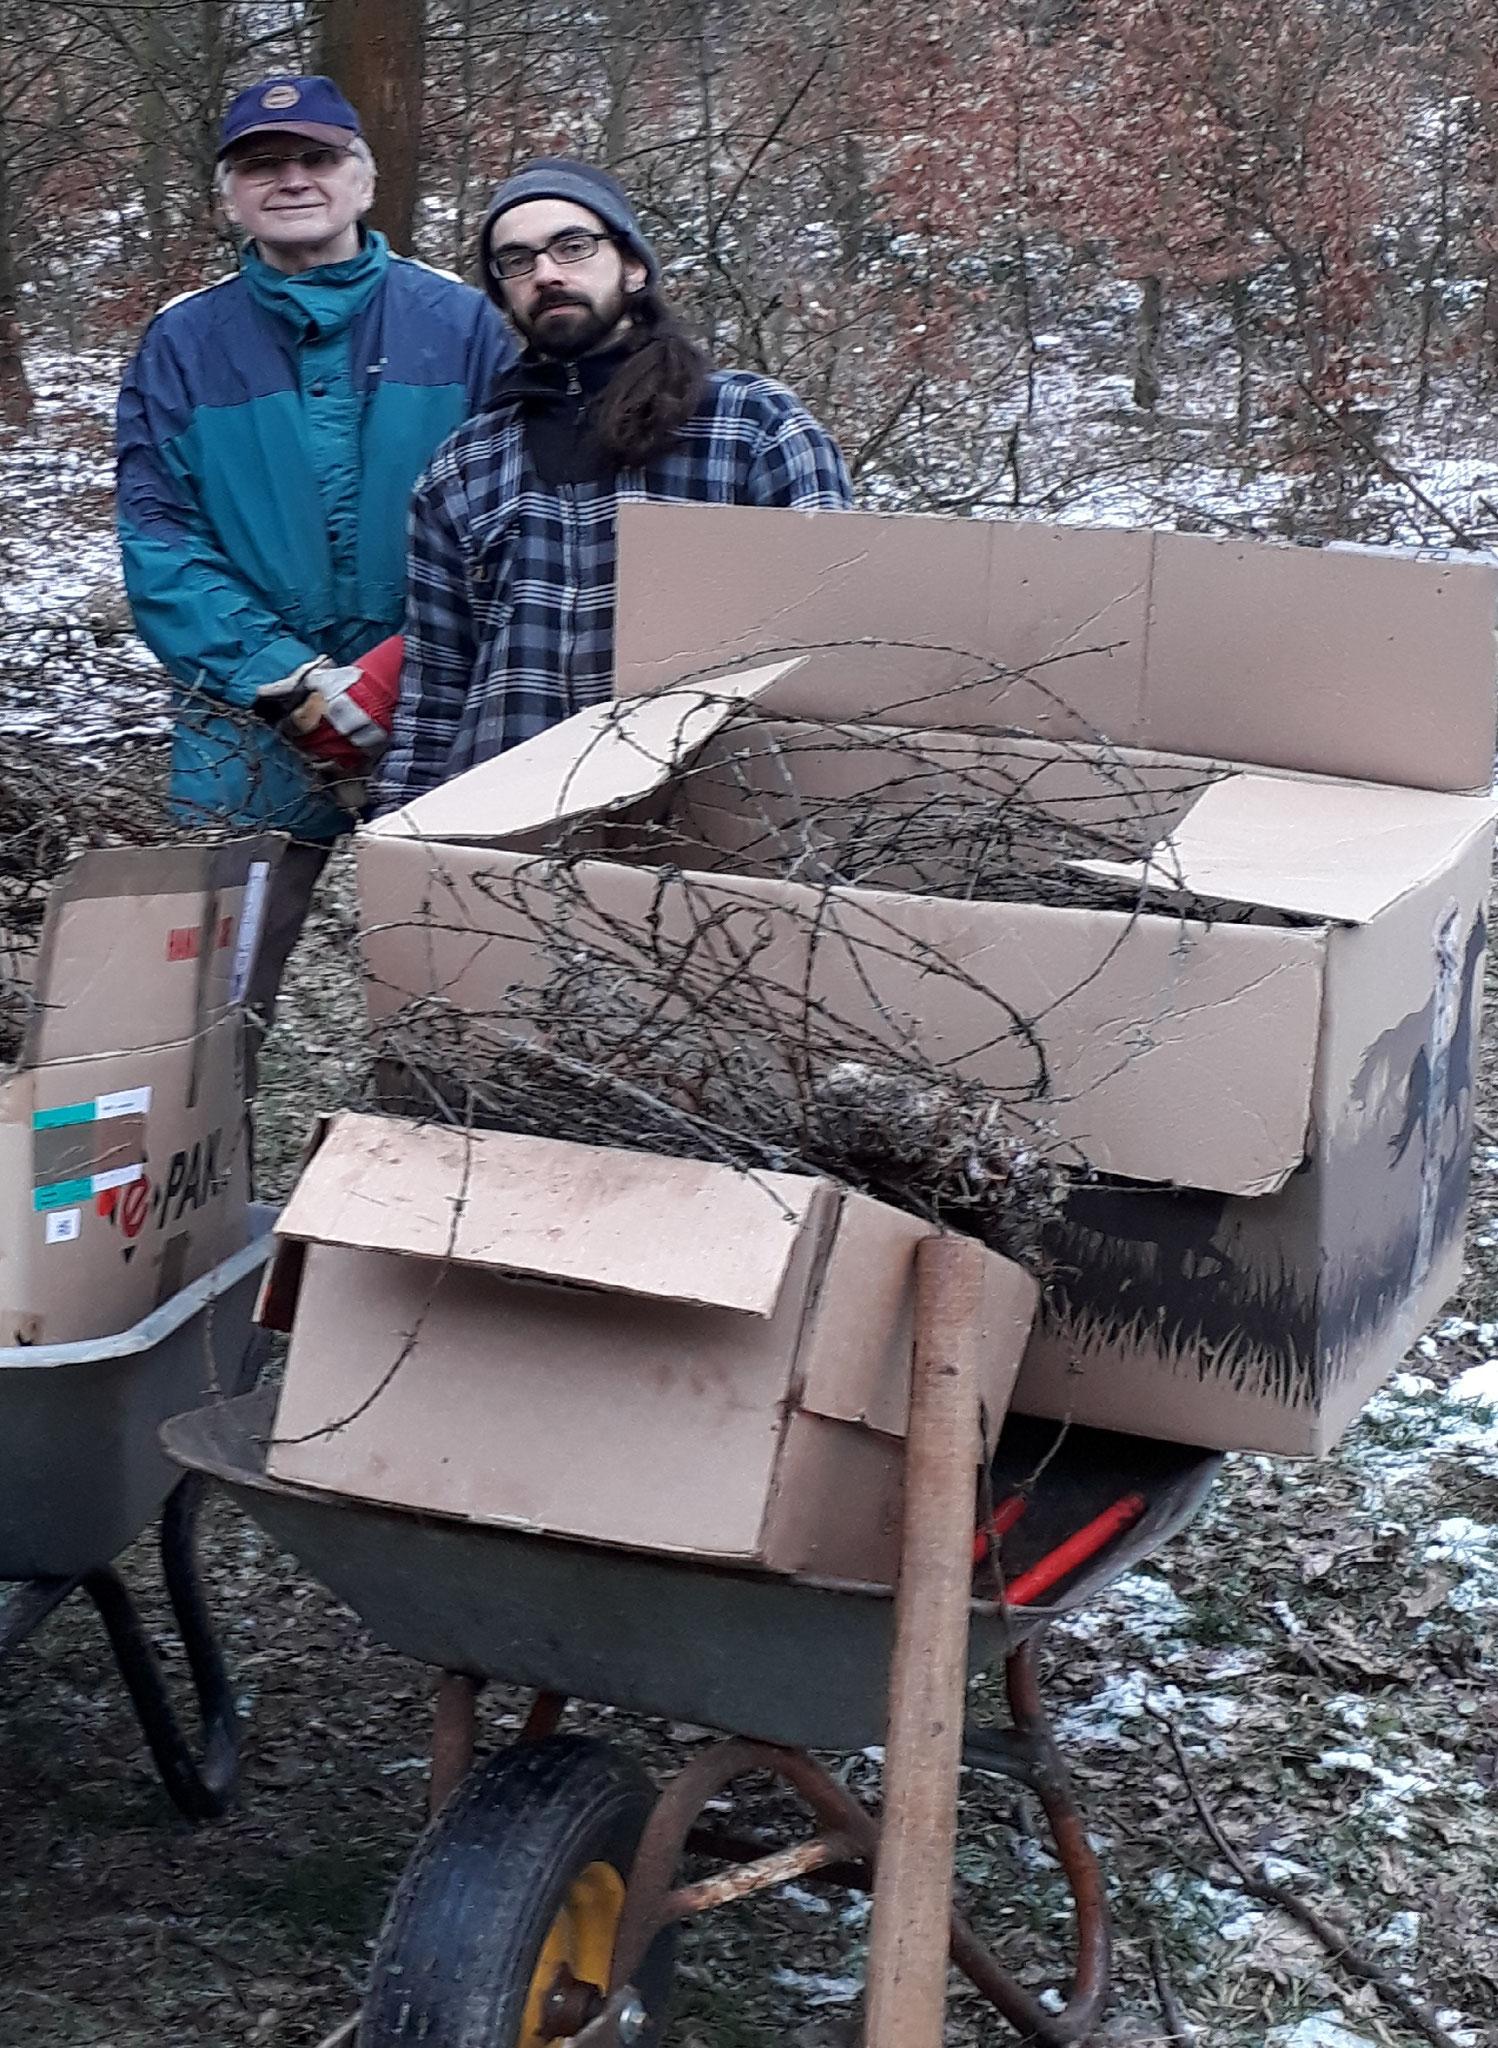 Stacheldraht entfernen im Wald 2018 (Foto: J. Auras)